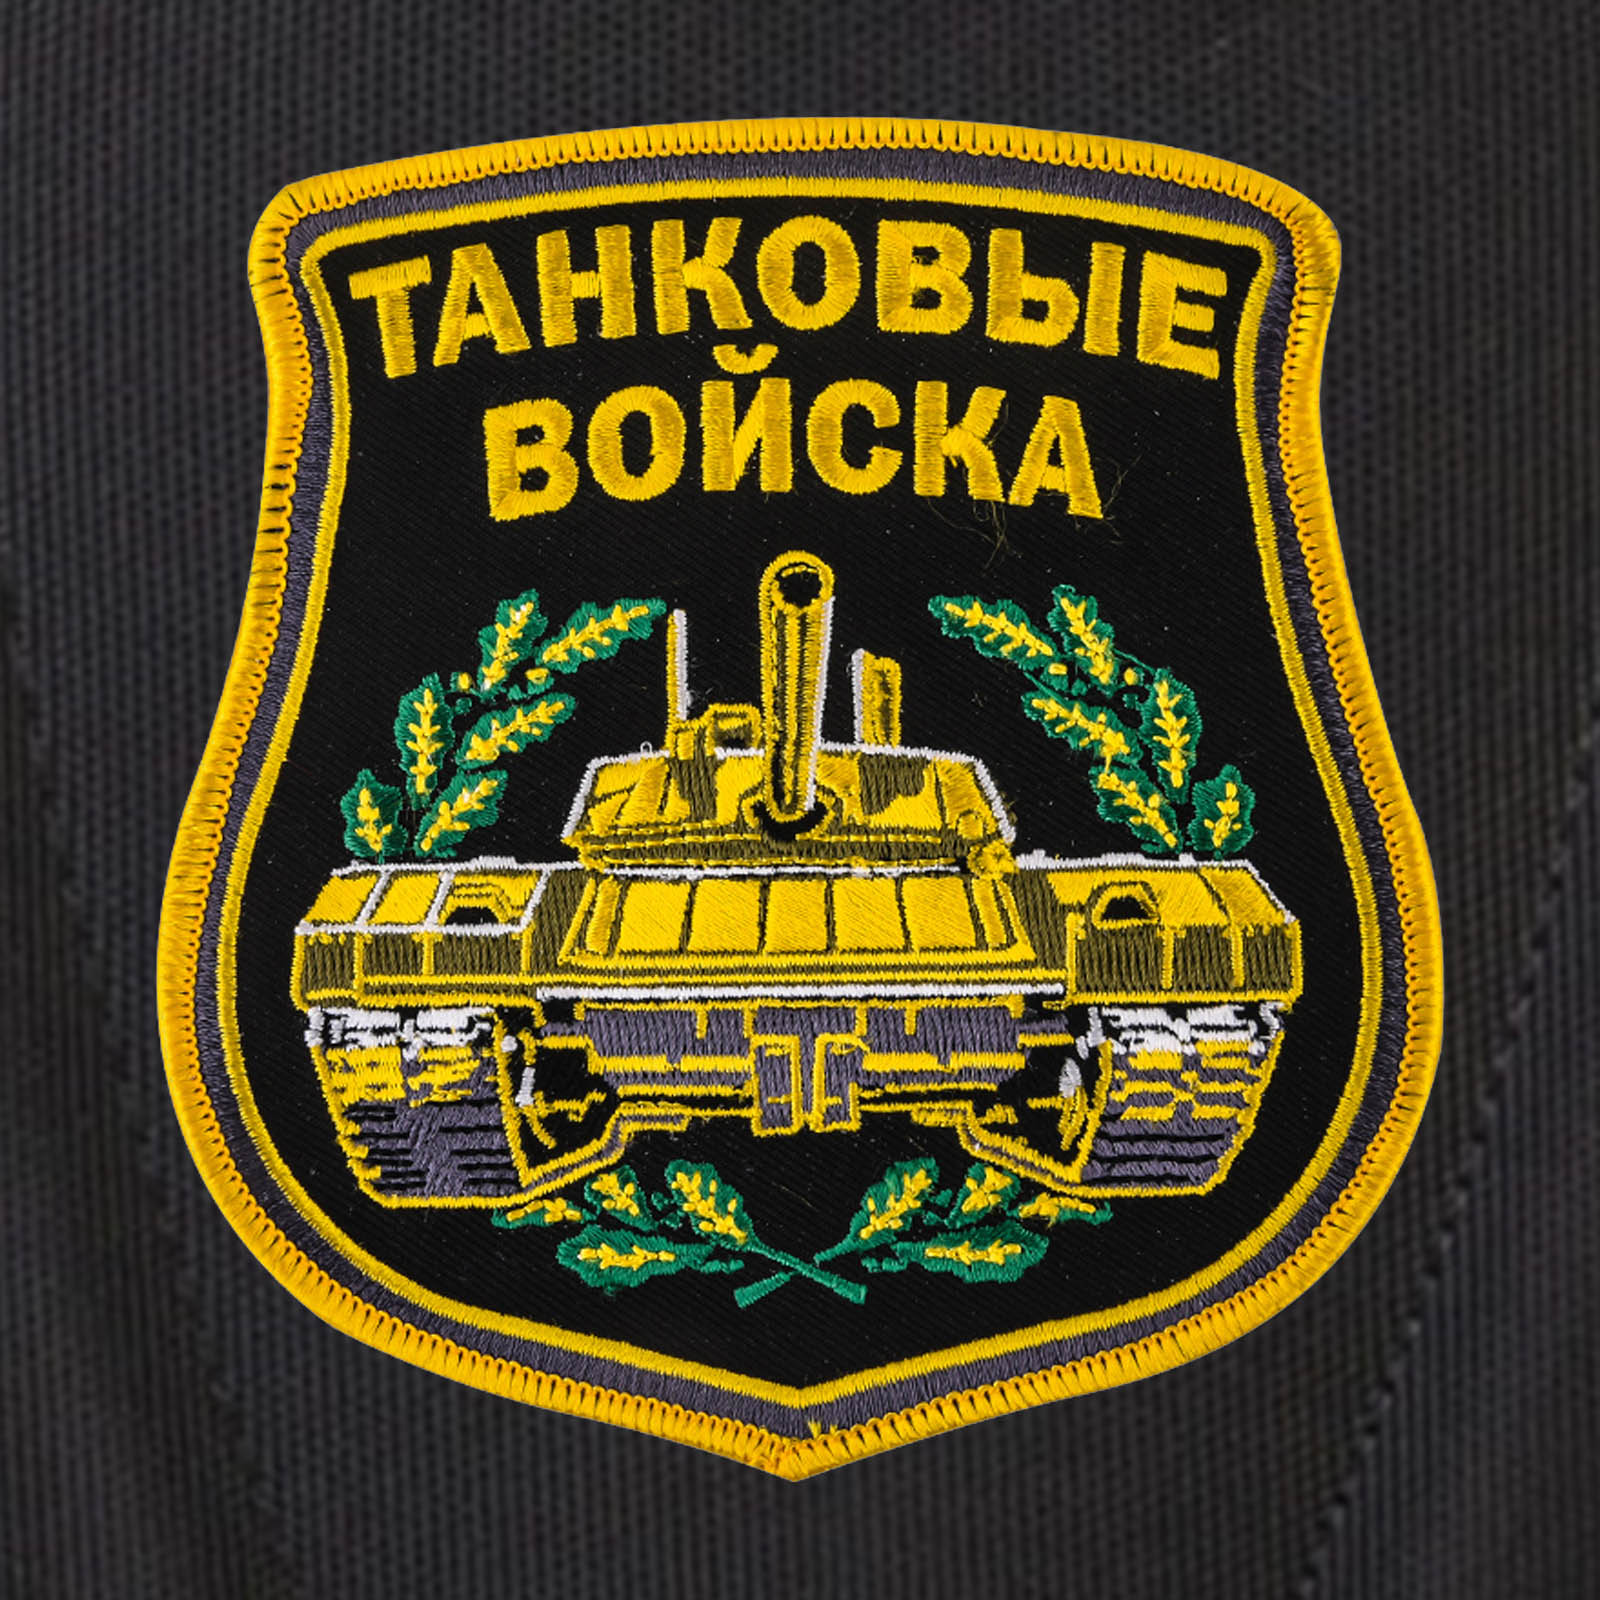 Купить практичный рюкзак с нашивкой Танковых войск